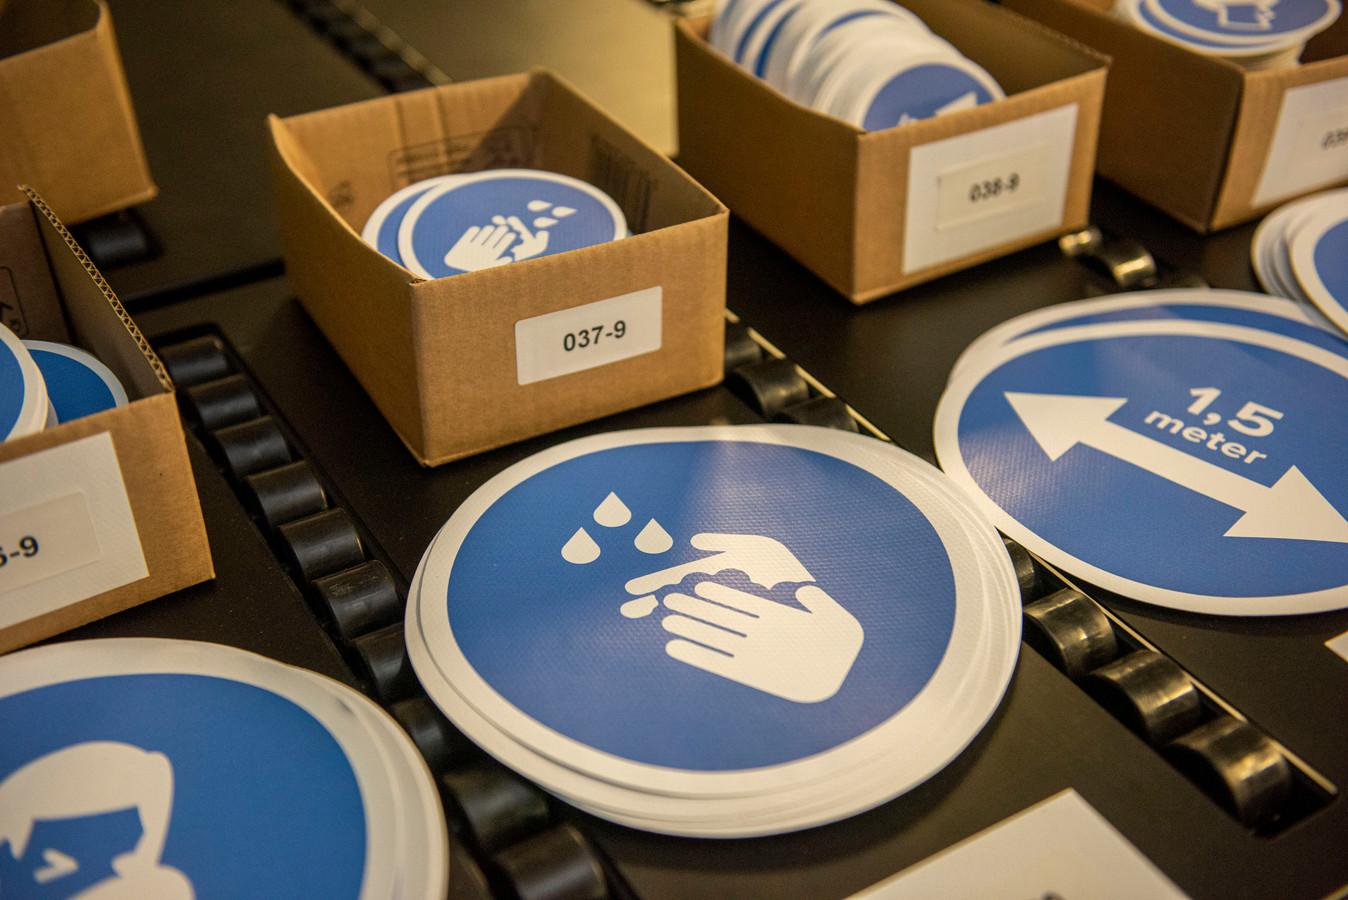 Bij Dr. Sticker loopt het storm met aanvragen voor stickers en posters die het publiek bewust maken van anderhalvemetersamenleving. Op de foto stickers om handen te wassen.